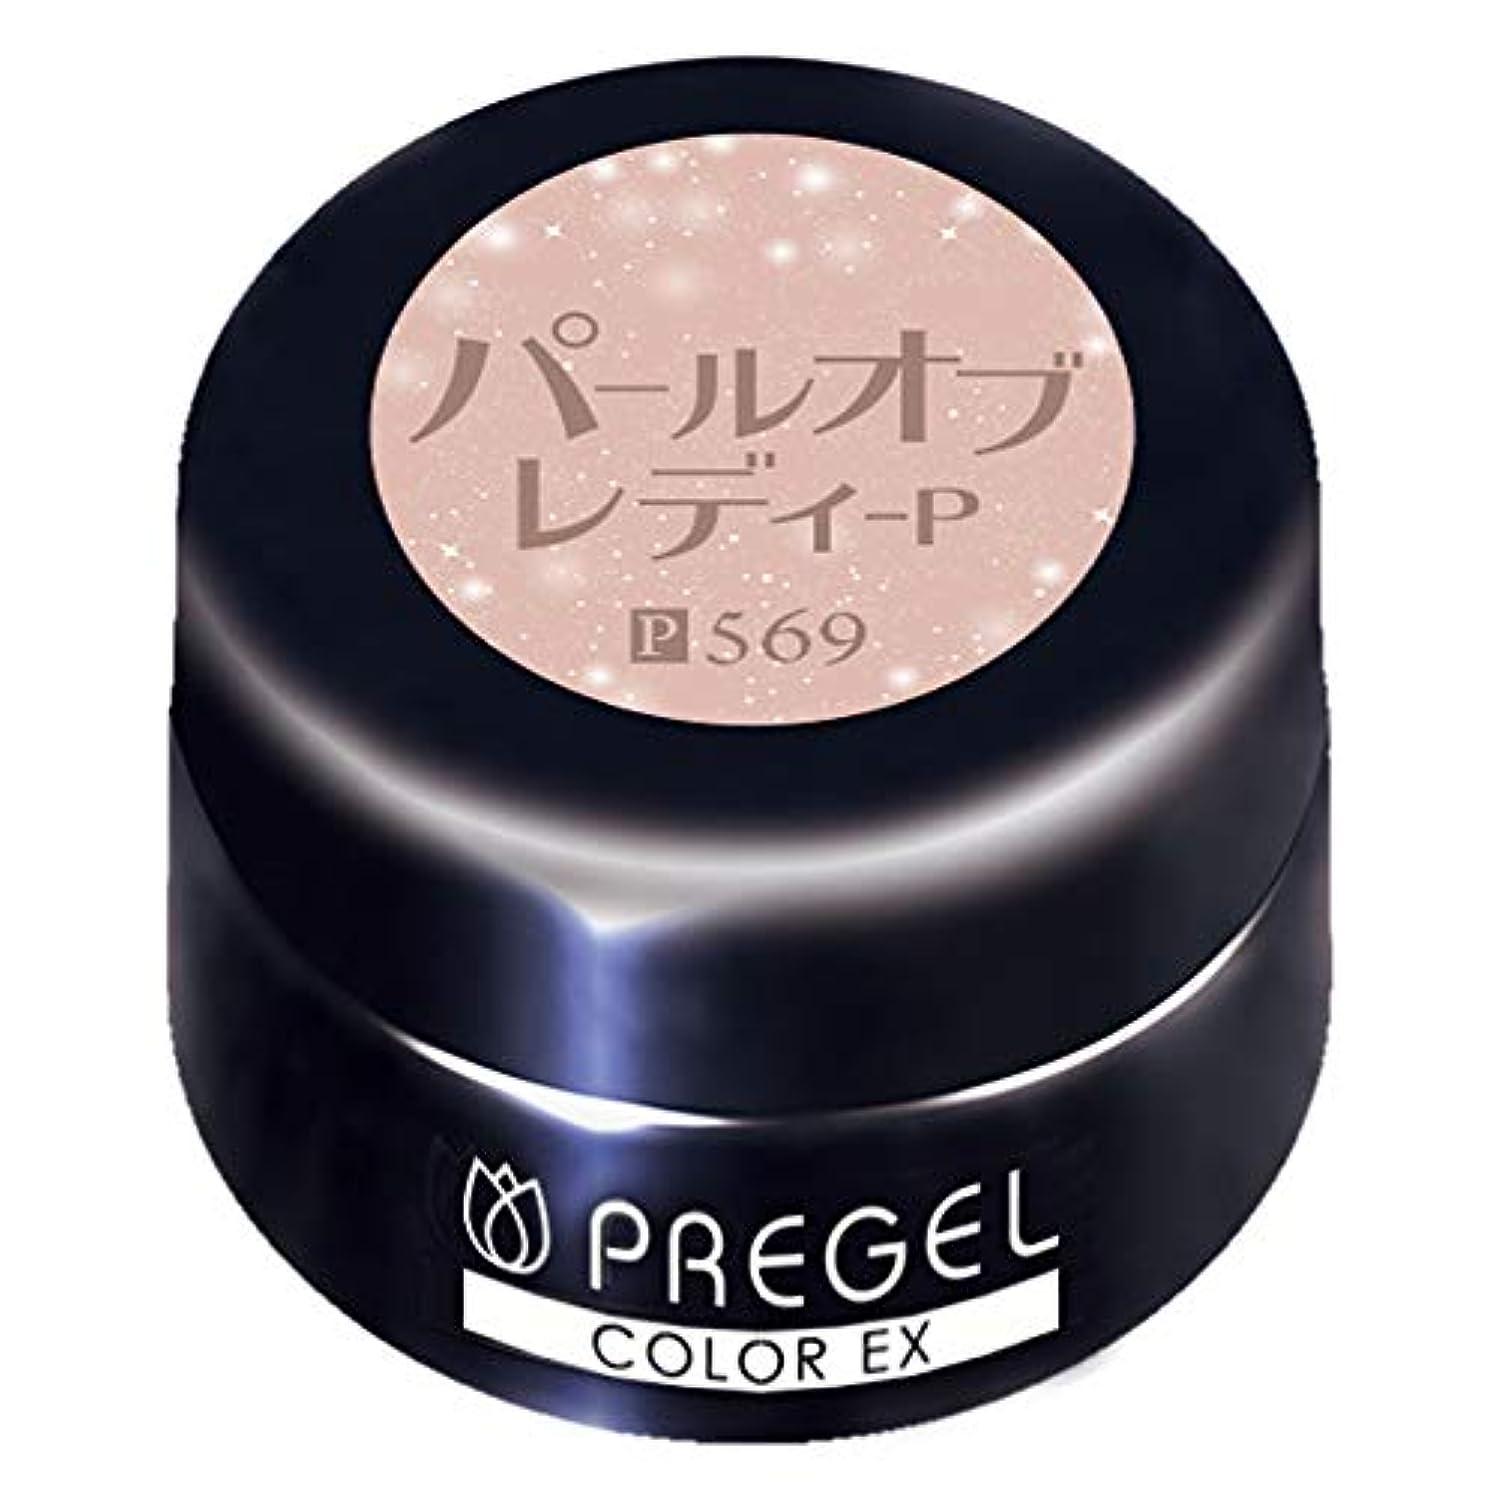 中に因子捨てるPRE GEL(プリジェル) PRE GEL カラージェル カラーEX パールオブレディ-P 3g PG-CE569 UV/LED対応 ジェルネイル